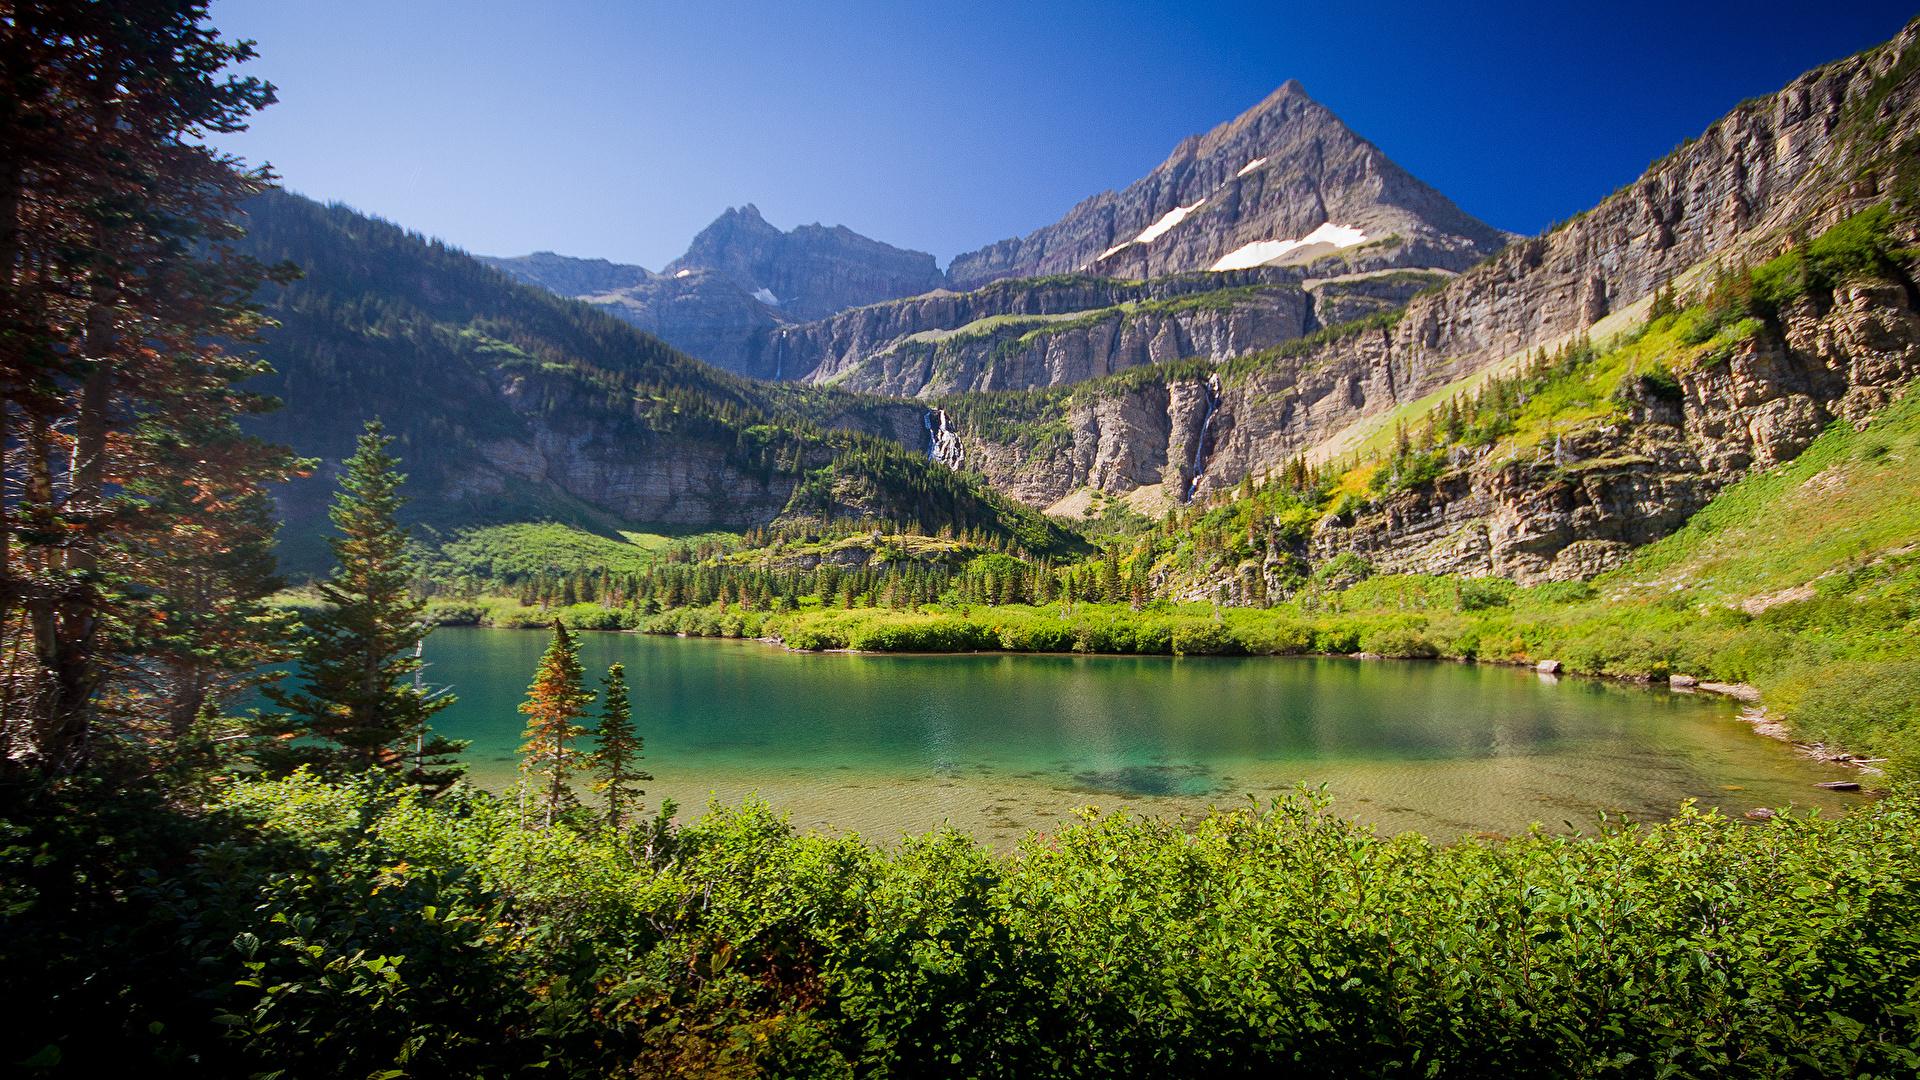 壁紙 19x1080 湖 山 風景写真 自然 ダウンロード 写真